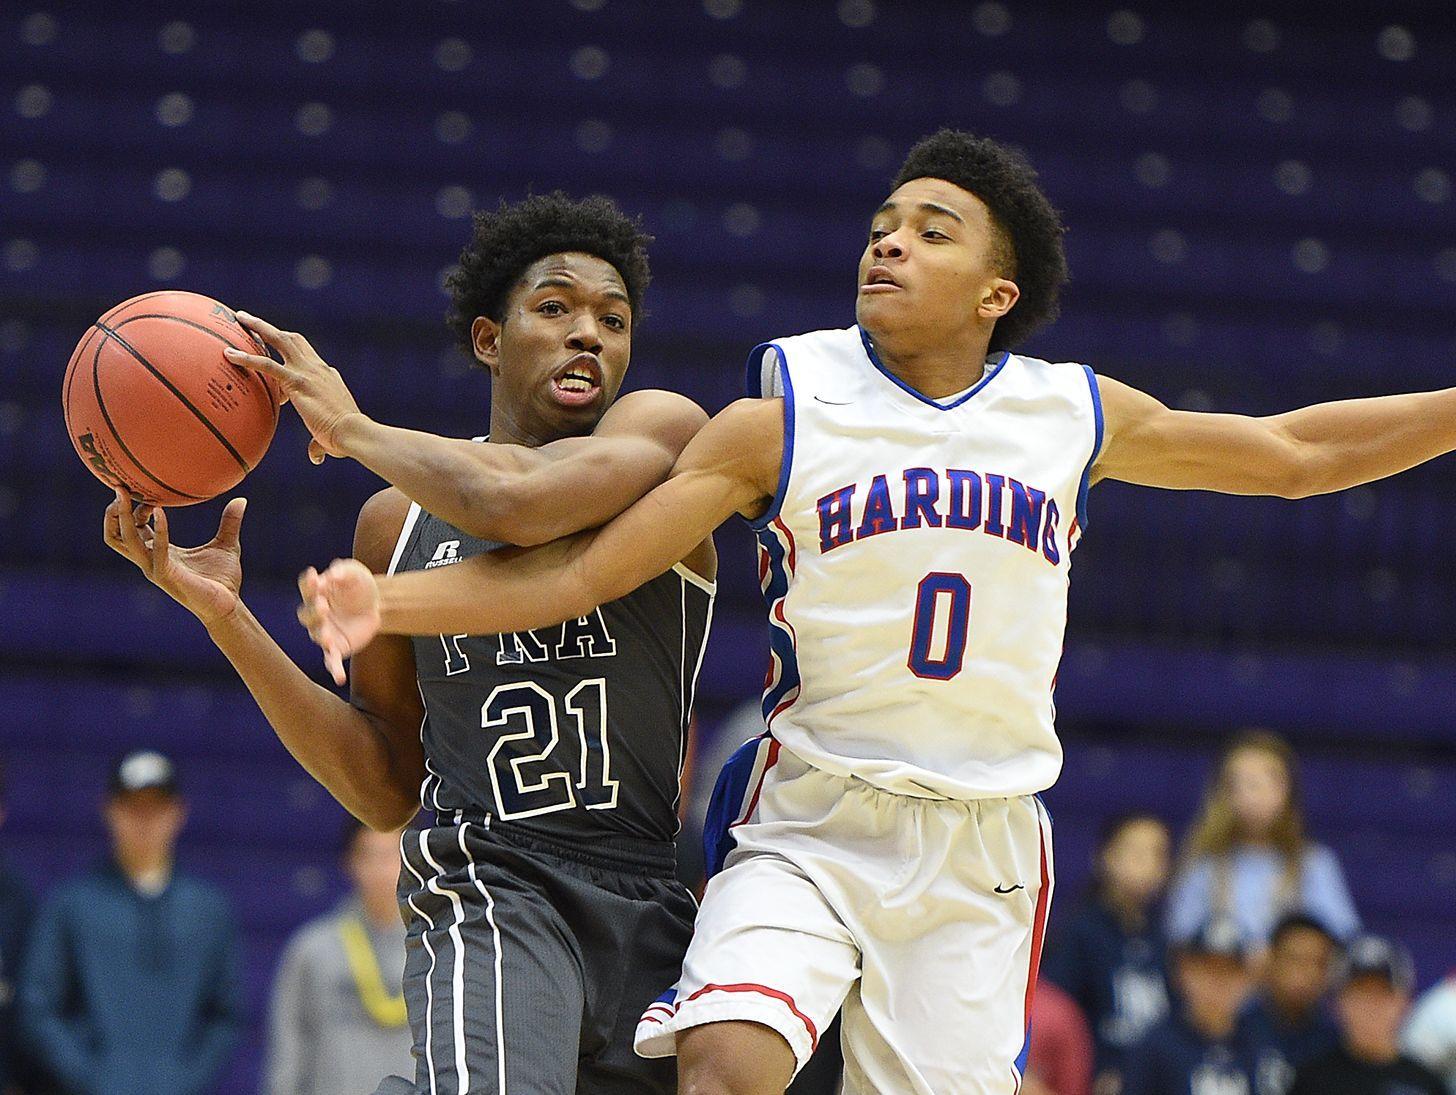 Fra Boys Blow 31 Point Lead Fall In Dii A Final Boys Memphis Boys Basketball